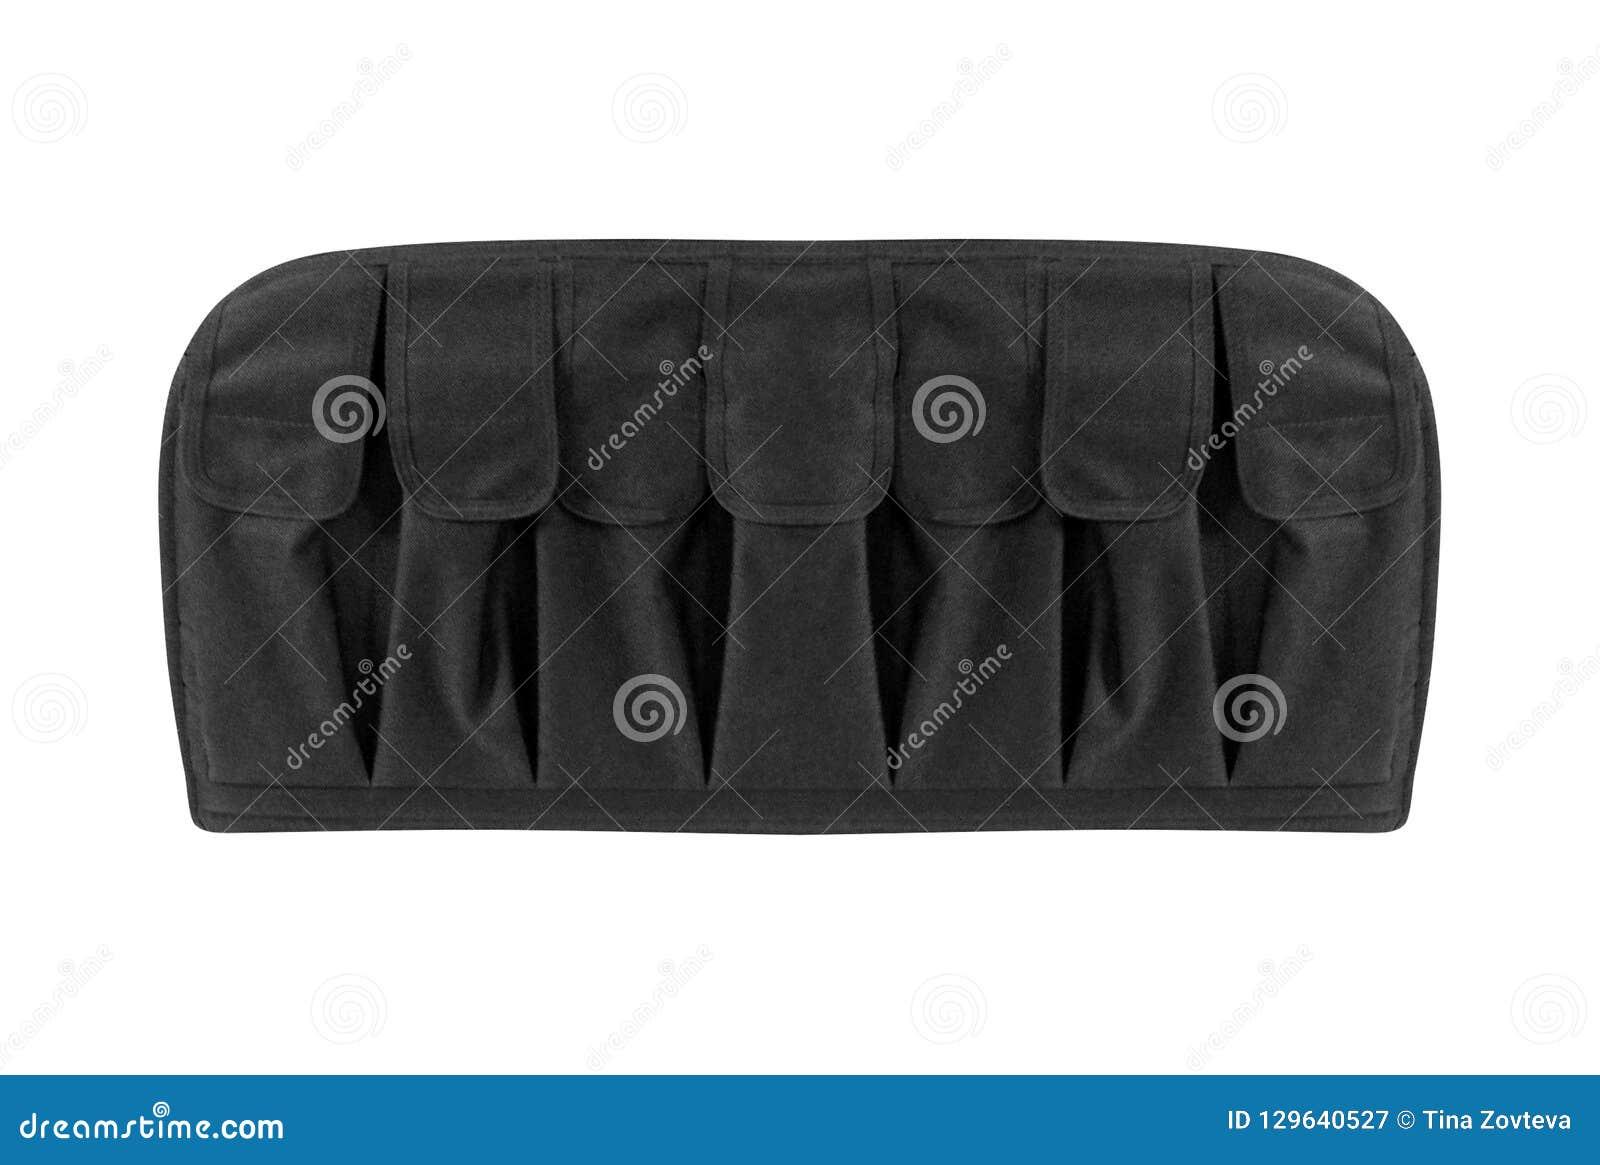 4d62bee3e2 Σακίδιο πλάτης που απομονώνεται στρατιωτικό Στοκ Εικόνα - εικόνα από ...